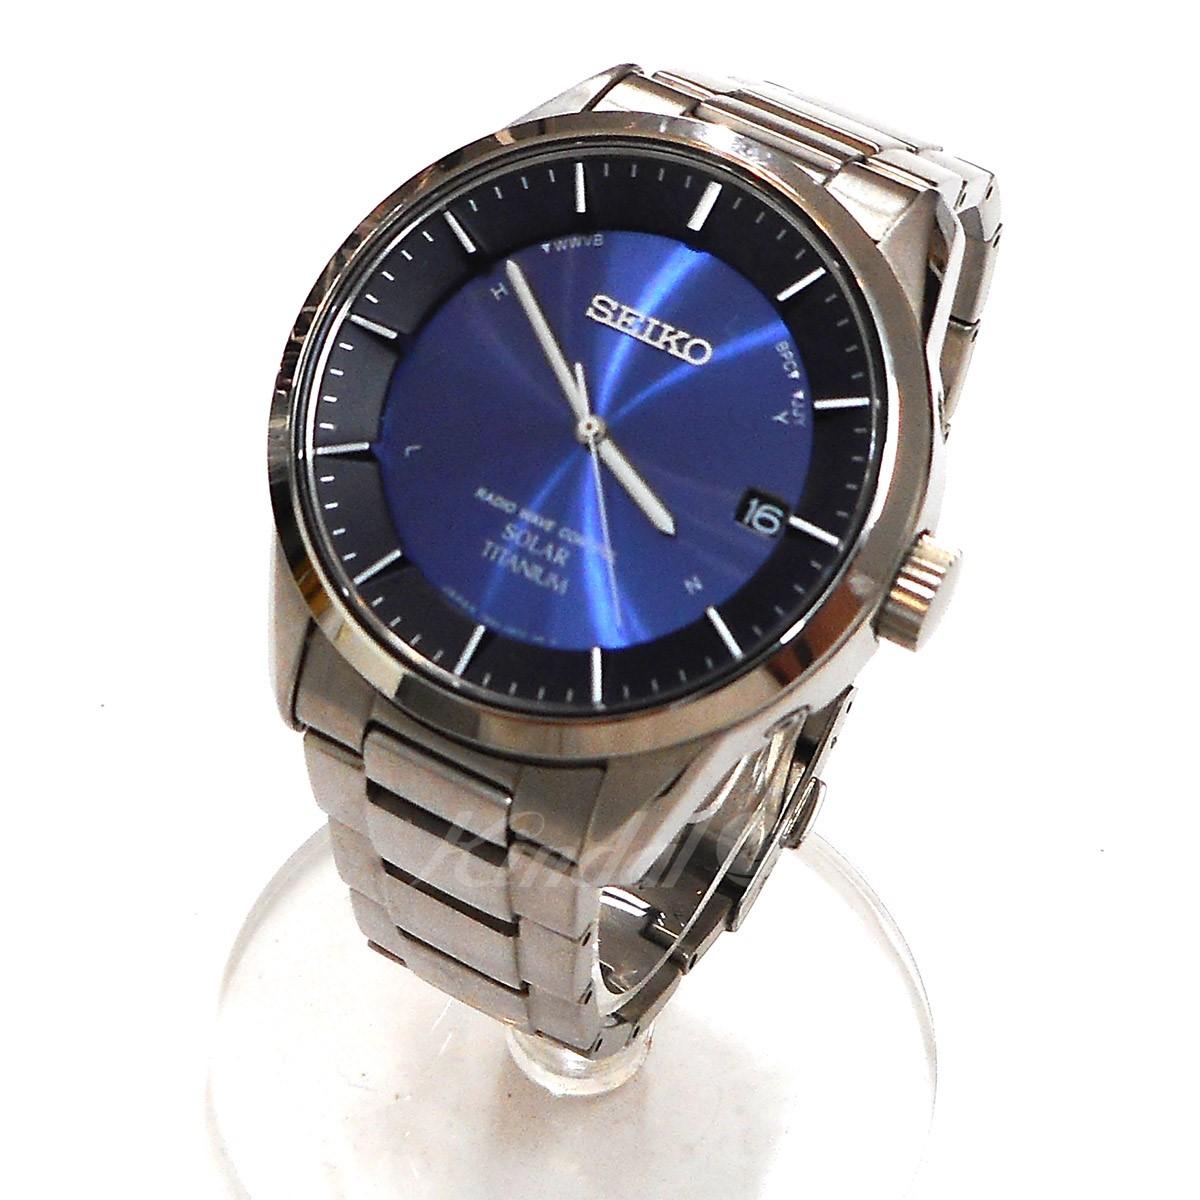 【中古】SEIKO スピリット ソーラー腕時計 【送料無料】 【005236】 【KIND1550】